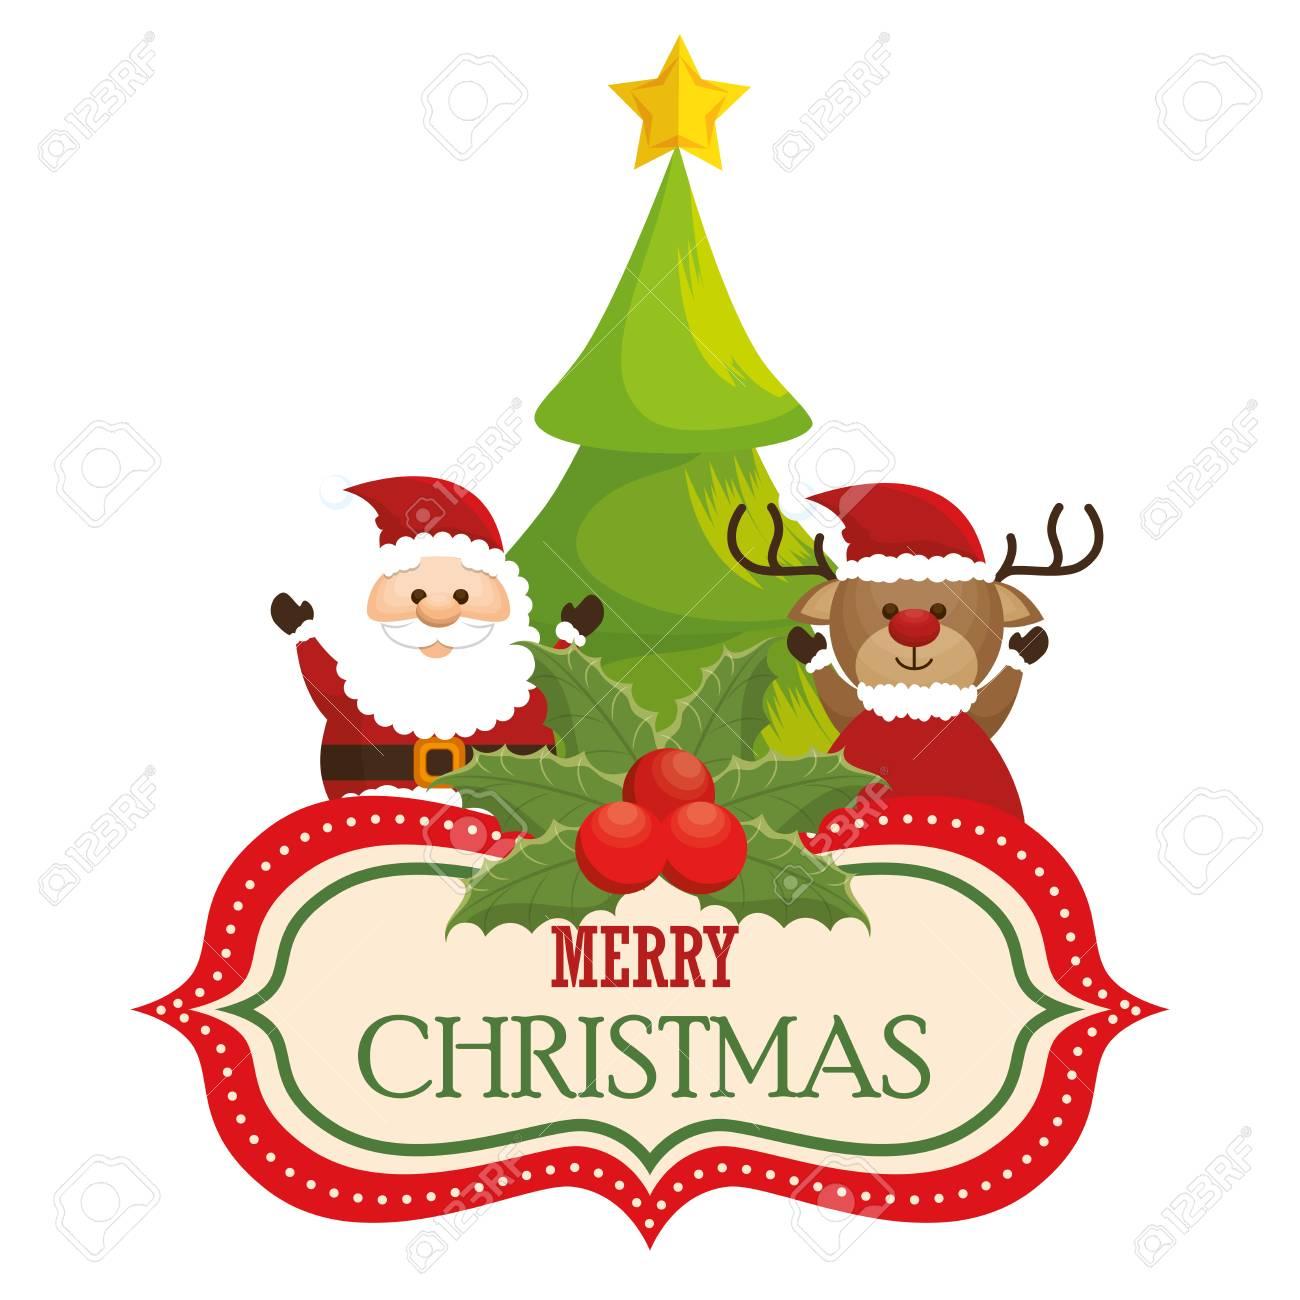 グリーティング カード クリスマス サンタさんトナカイと松のベクトル イラスト Eps 10のイラスト素材 ベクタ Image